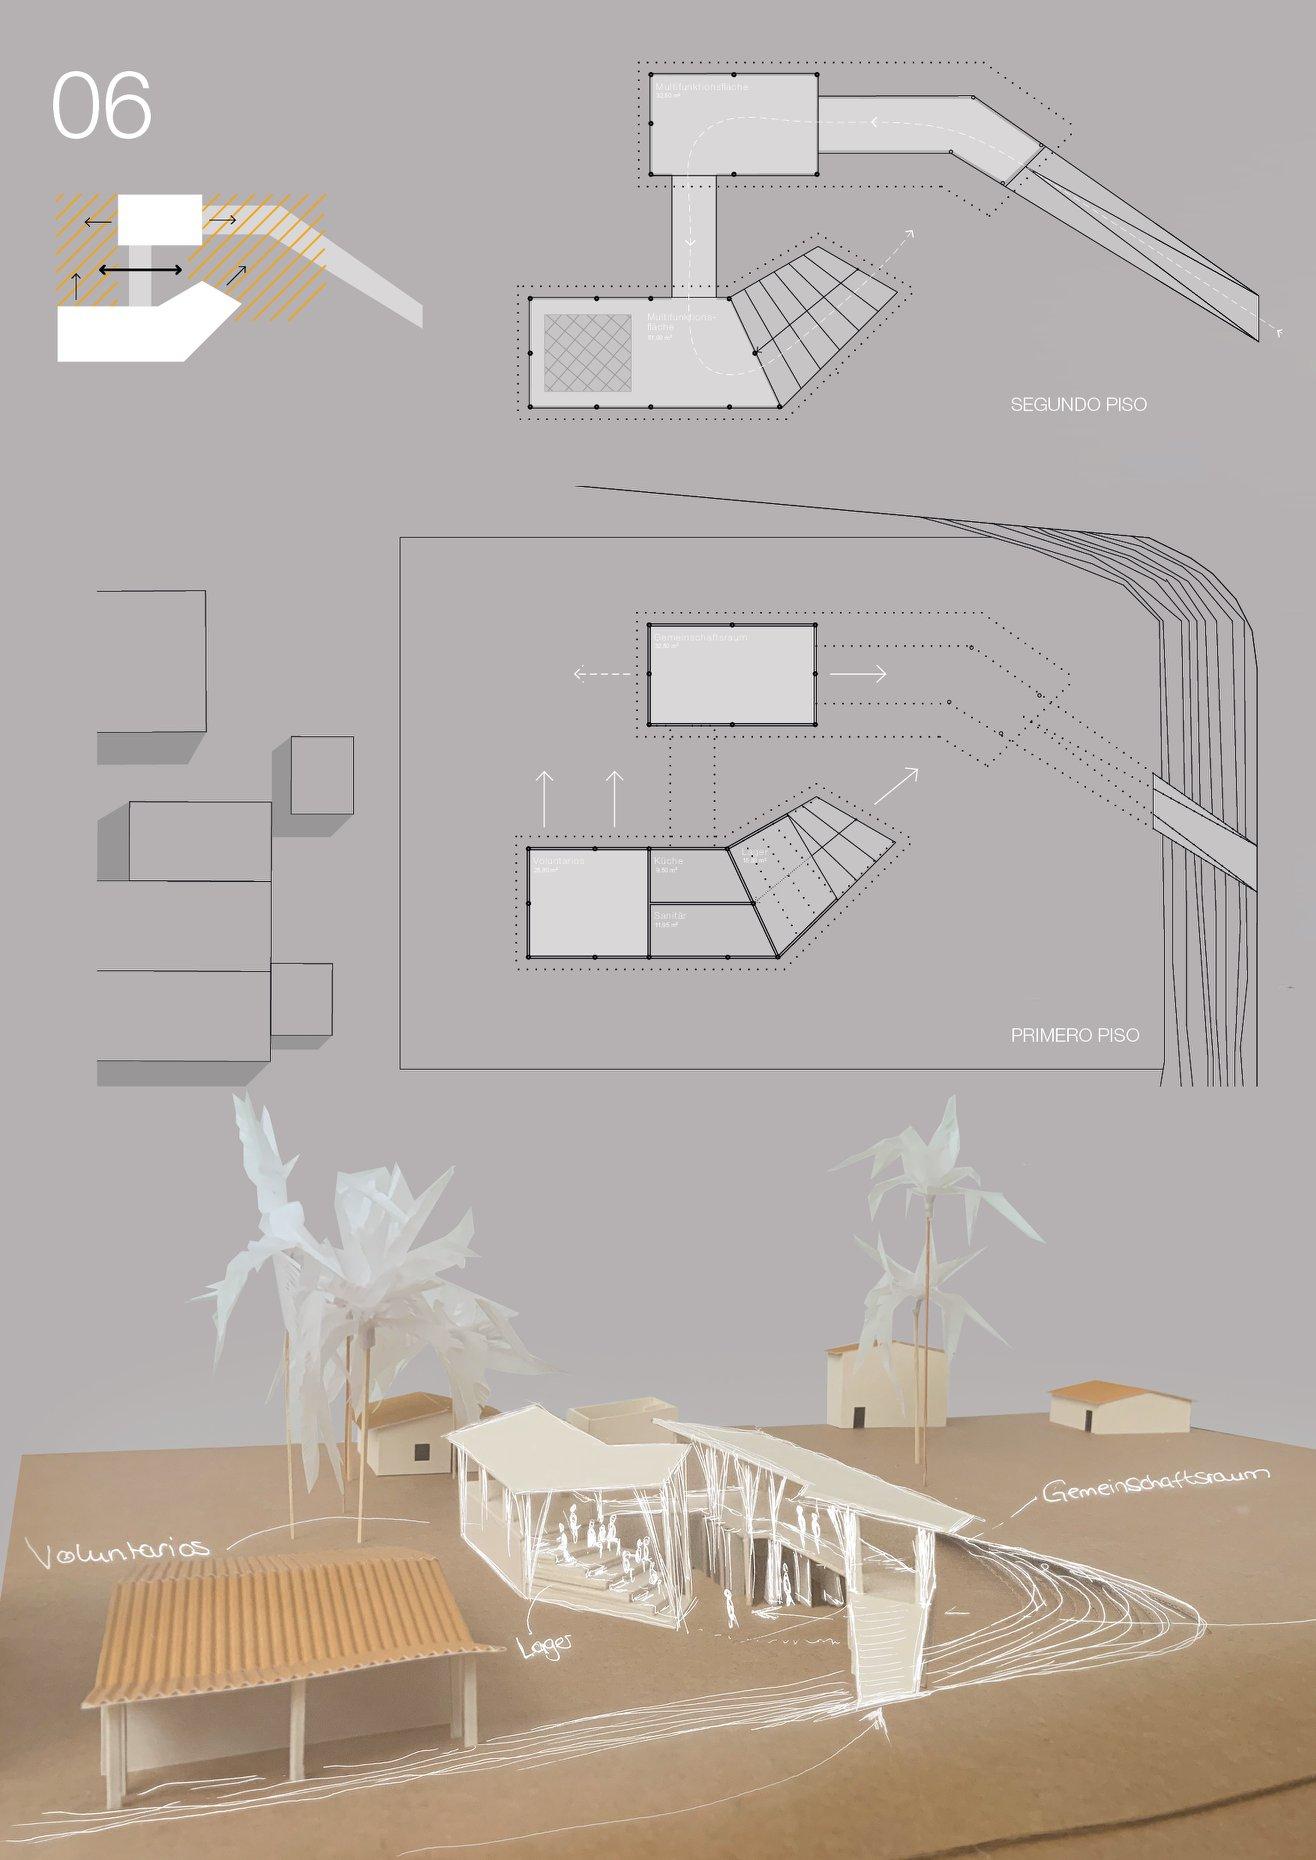 Entwurf 6